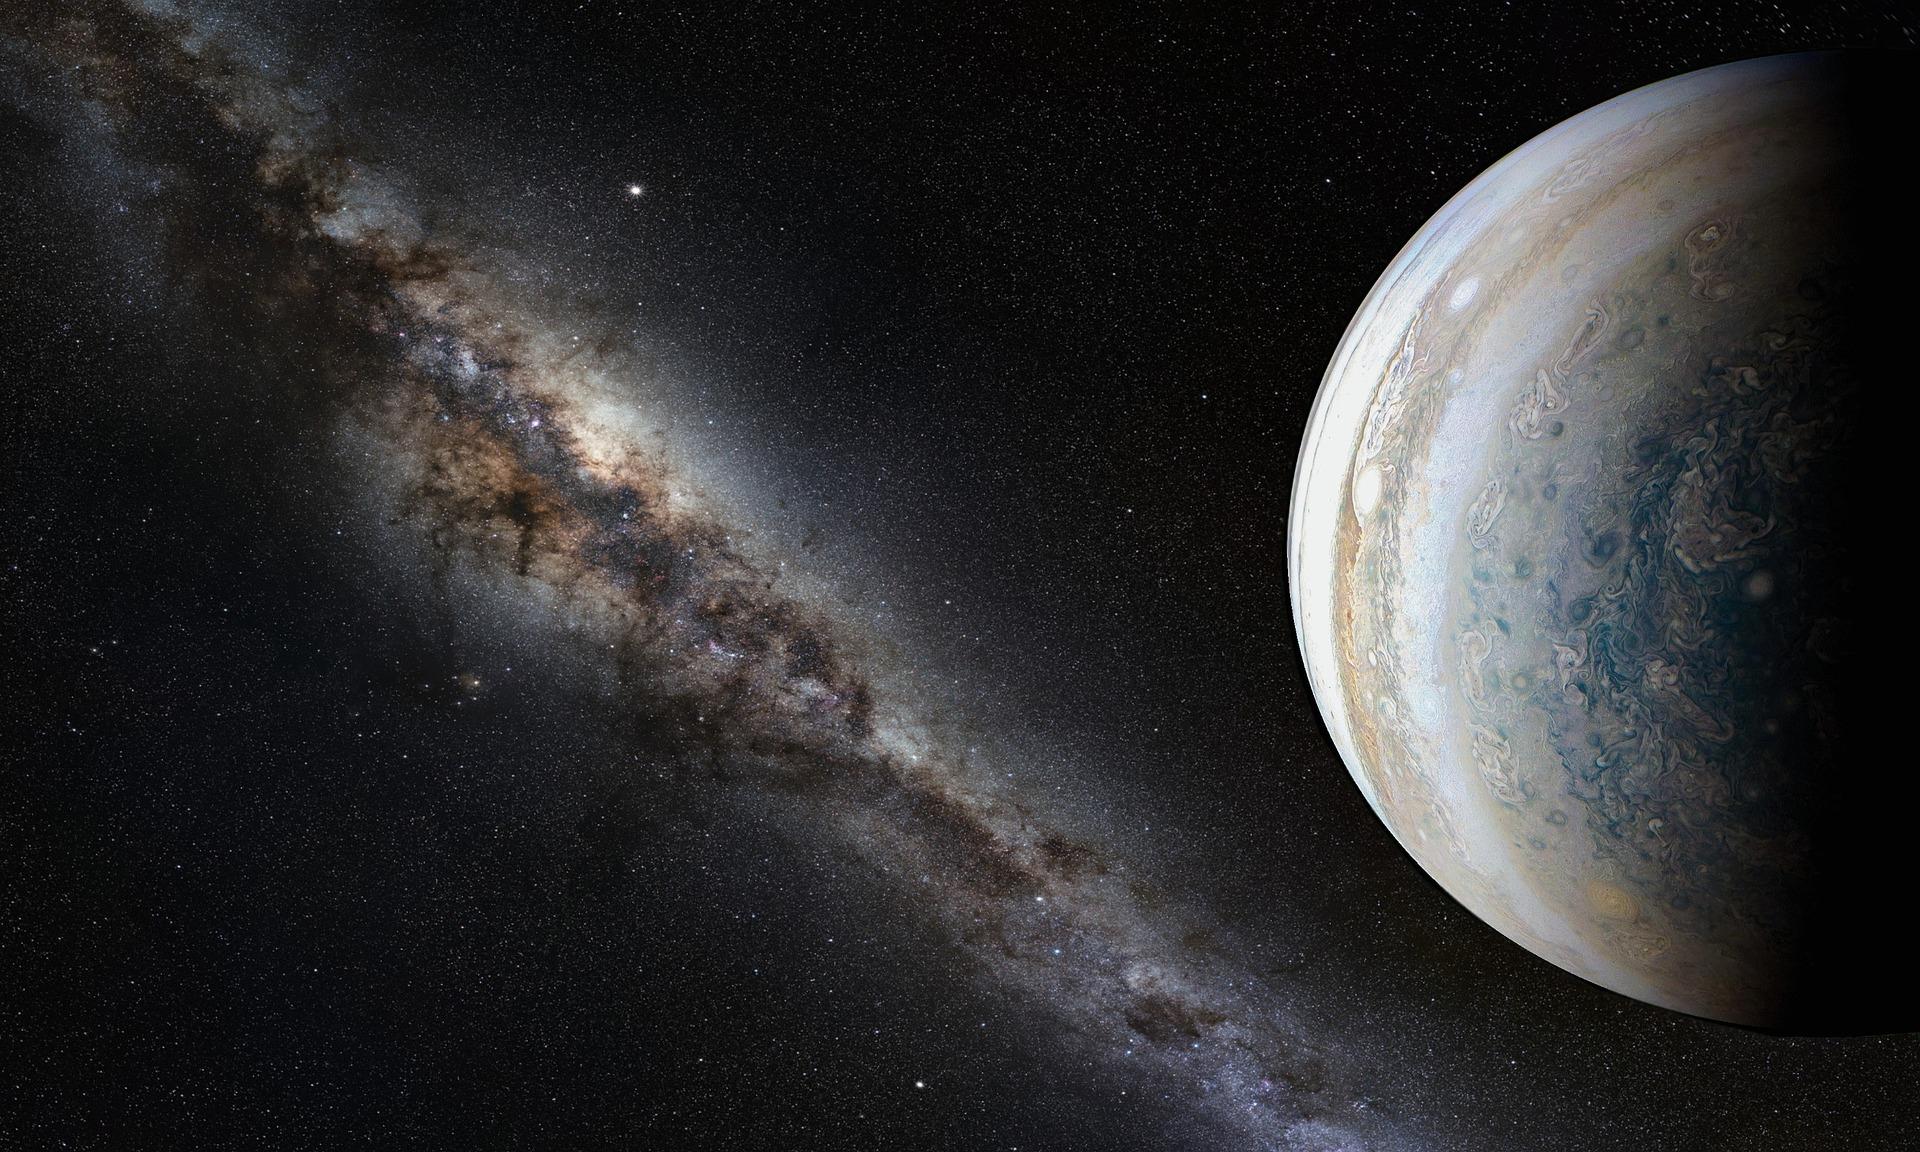 planety z pierścieniami, Jowisz, układ słoneczny